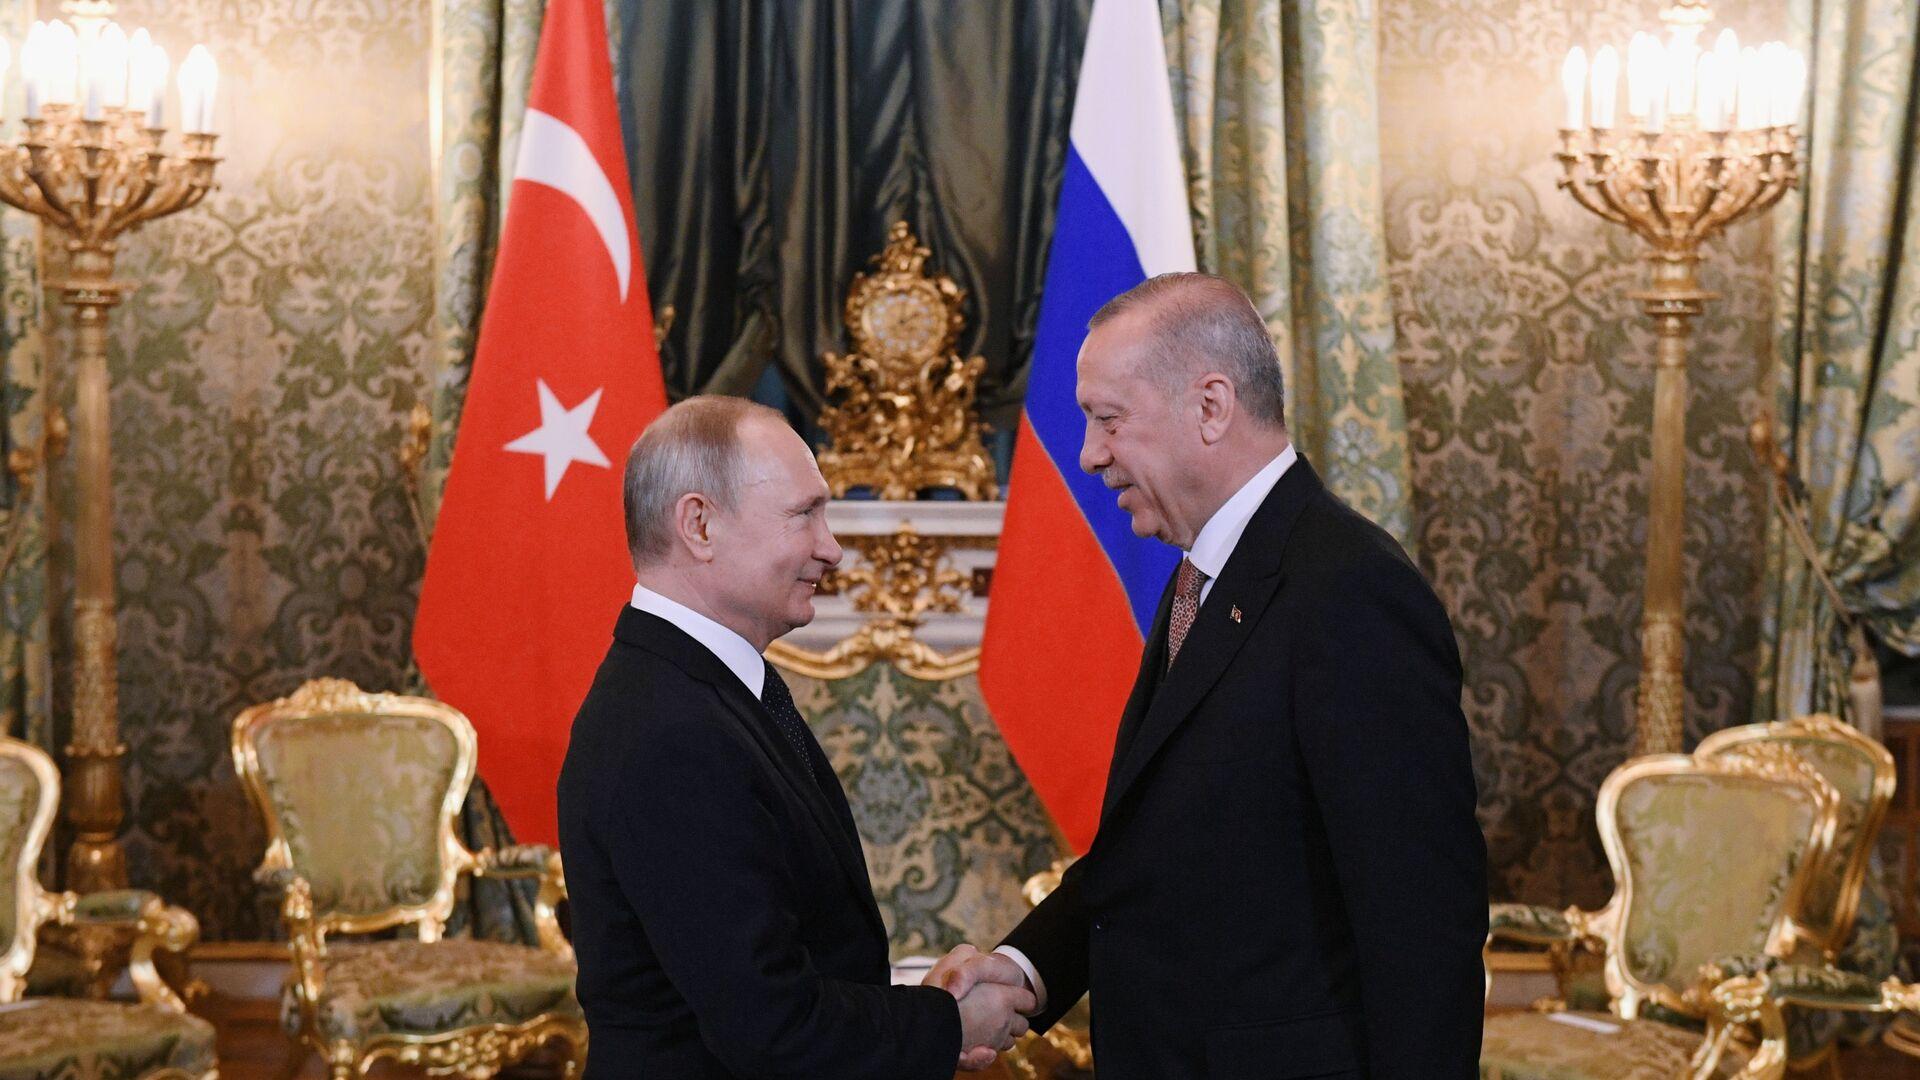 Rusiya və Türkiyə Prezidentləri Vladimir Putin və Rəcəb Tayyib Ərdoğan - Sputnik Azərbaycan, 1920, 29.09.2021